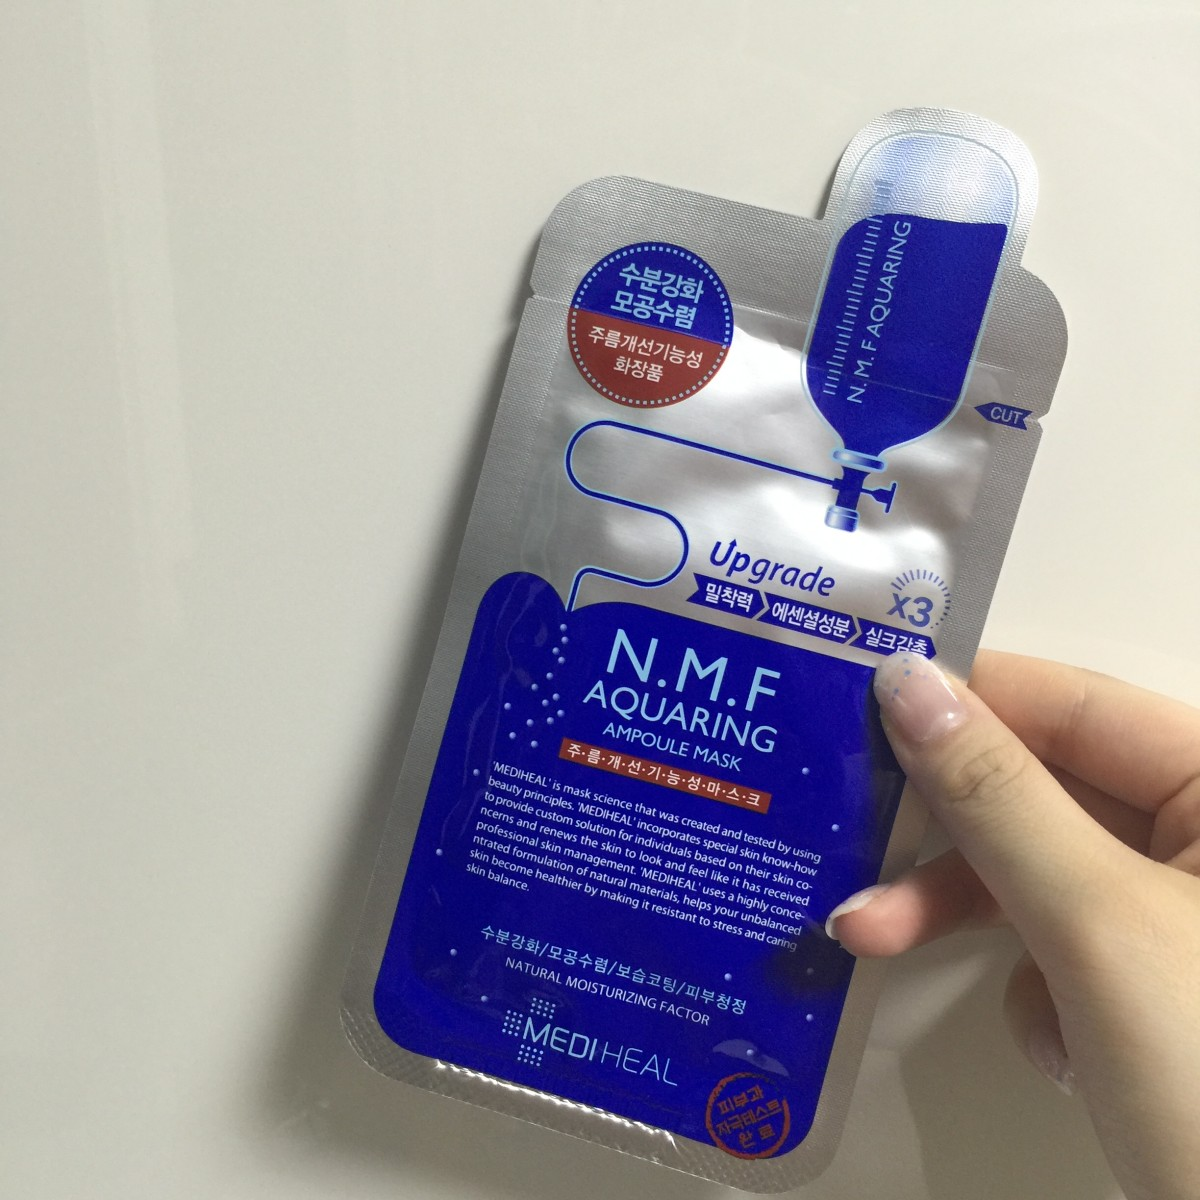 【MEDIHEAL】プルプルアンプルで水分管理!N.M.Fアクアリングアンプルマスク